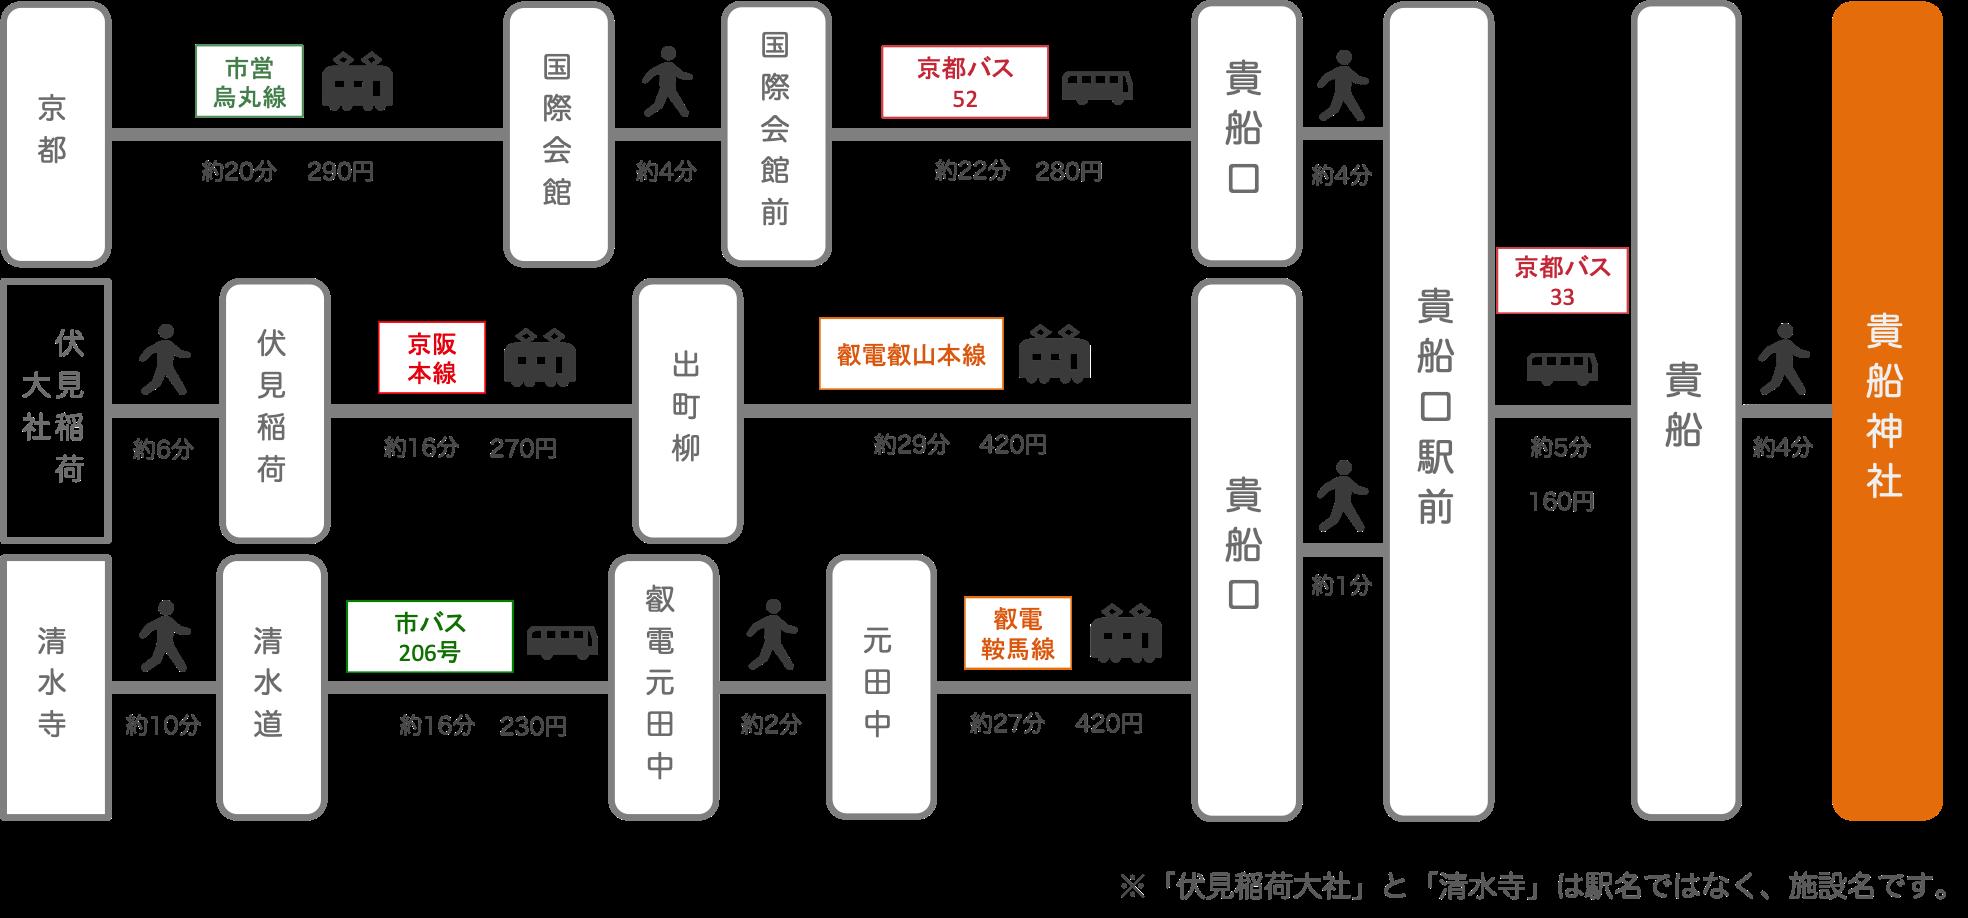 貴船神社_京都市_バス_電車